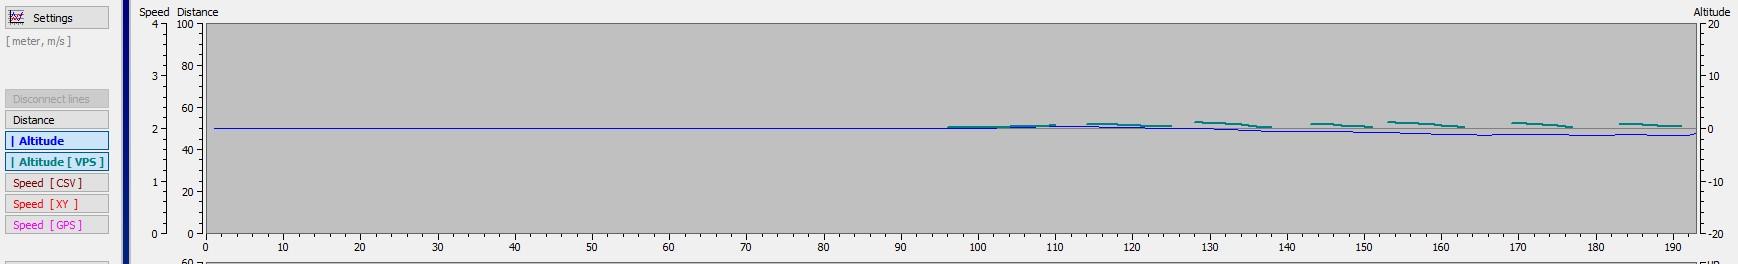 DJI-Spark-ALT-vs-ALT-VPS-04.jpg